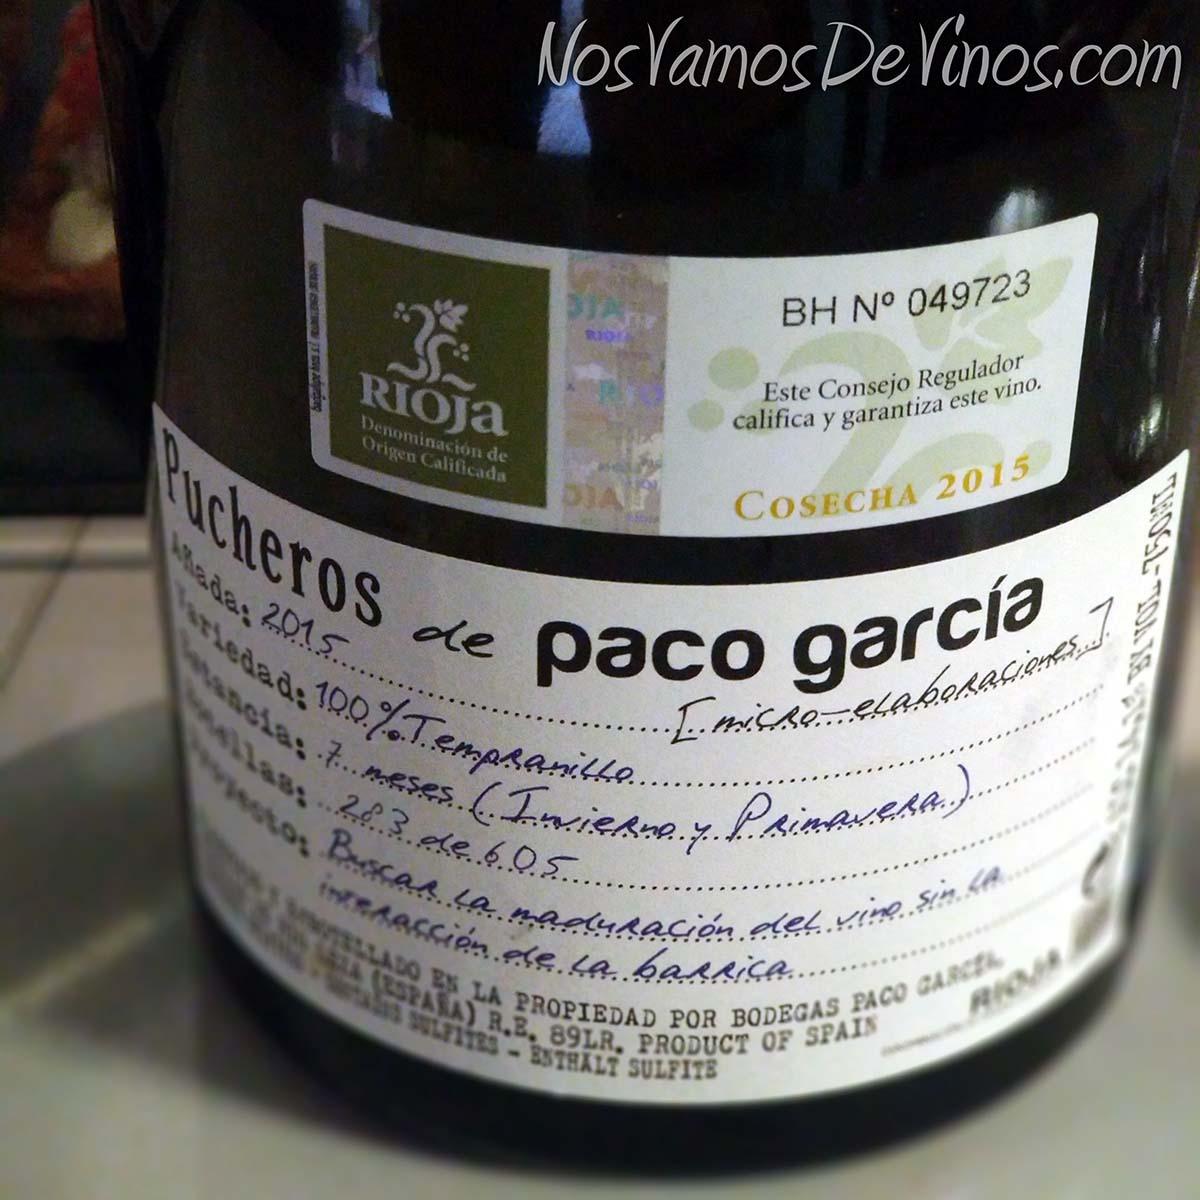 Pucheros de Paco García 2015 Etiqueta Trasera